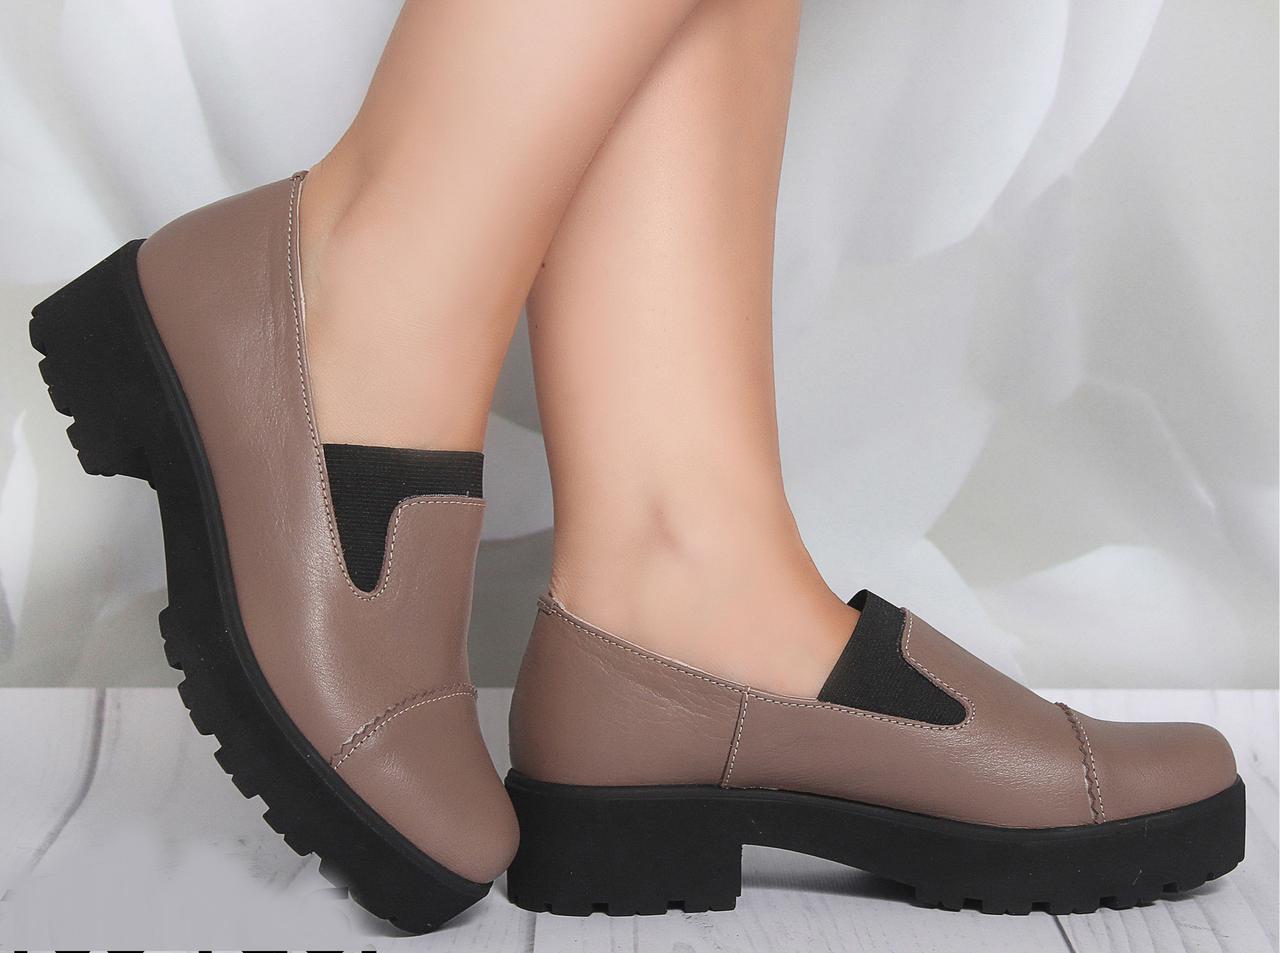 Ботинки на каблучке, из натуральной кожи, замша, лака, на резинке. Восемь цветов! Размеры 36-41 модель S1103